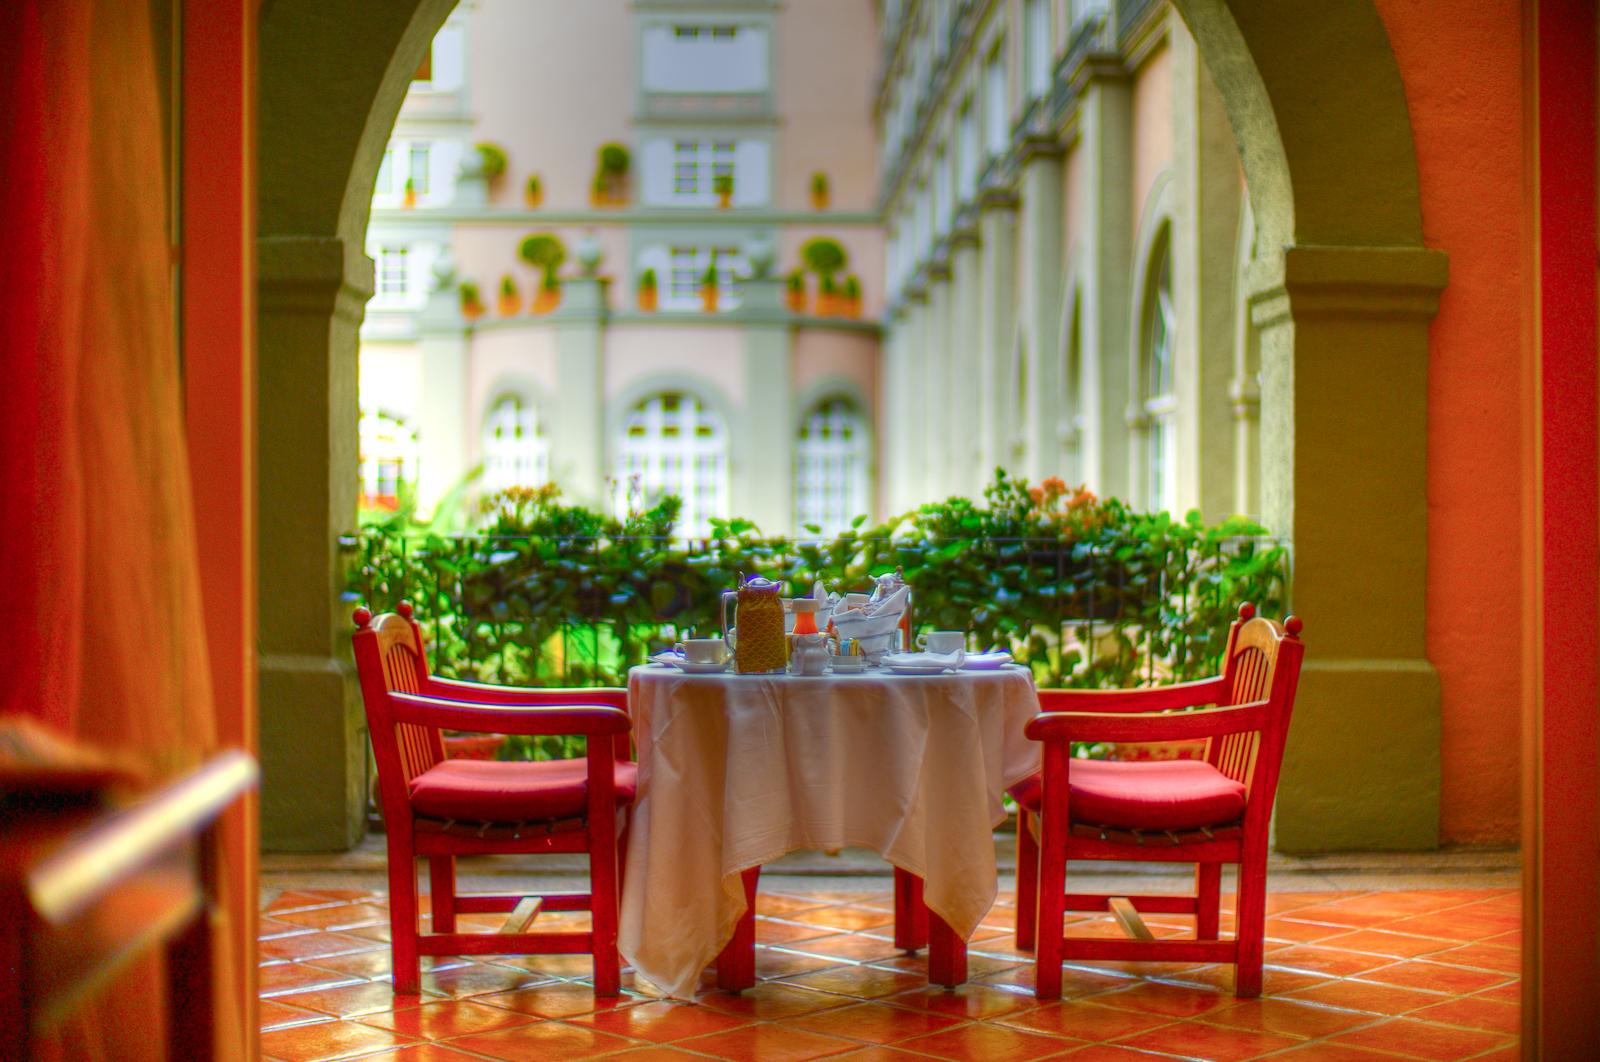 Room service breakfast on the terrace